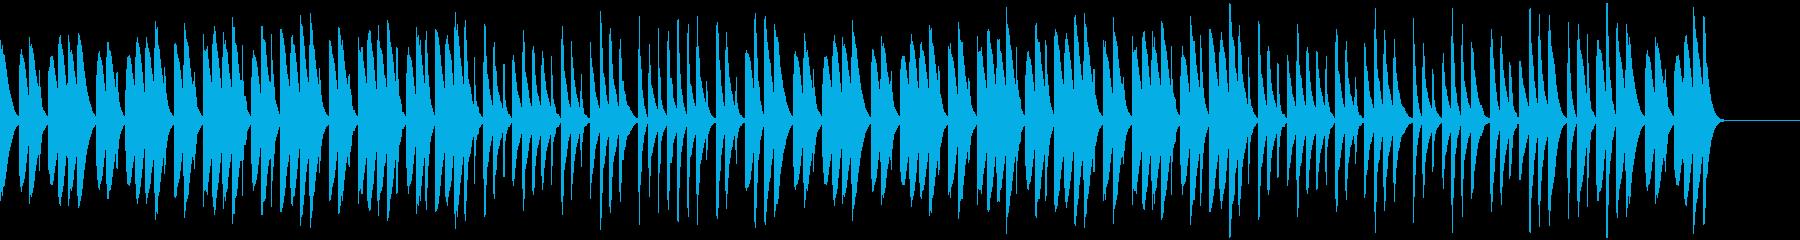 料理工作ゲームCM向けほのぼのBGMの再生済みの波形